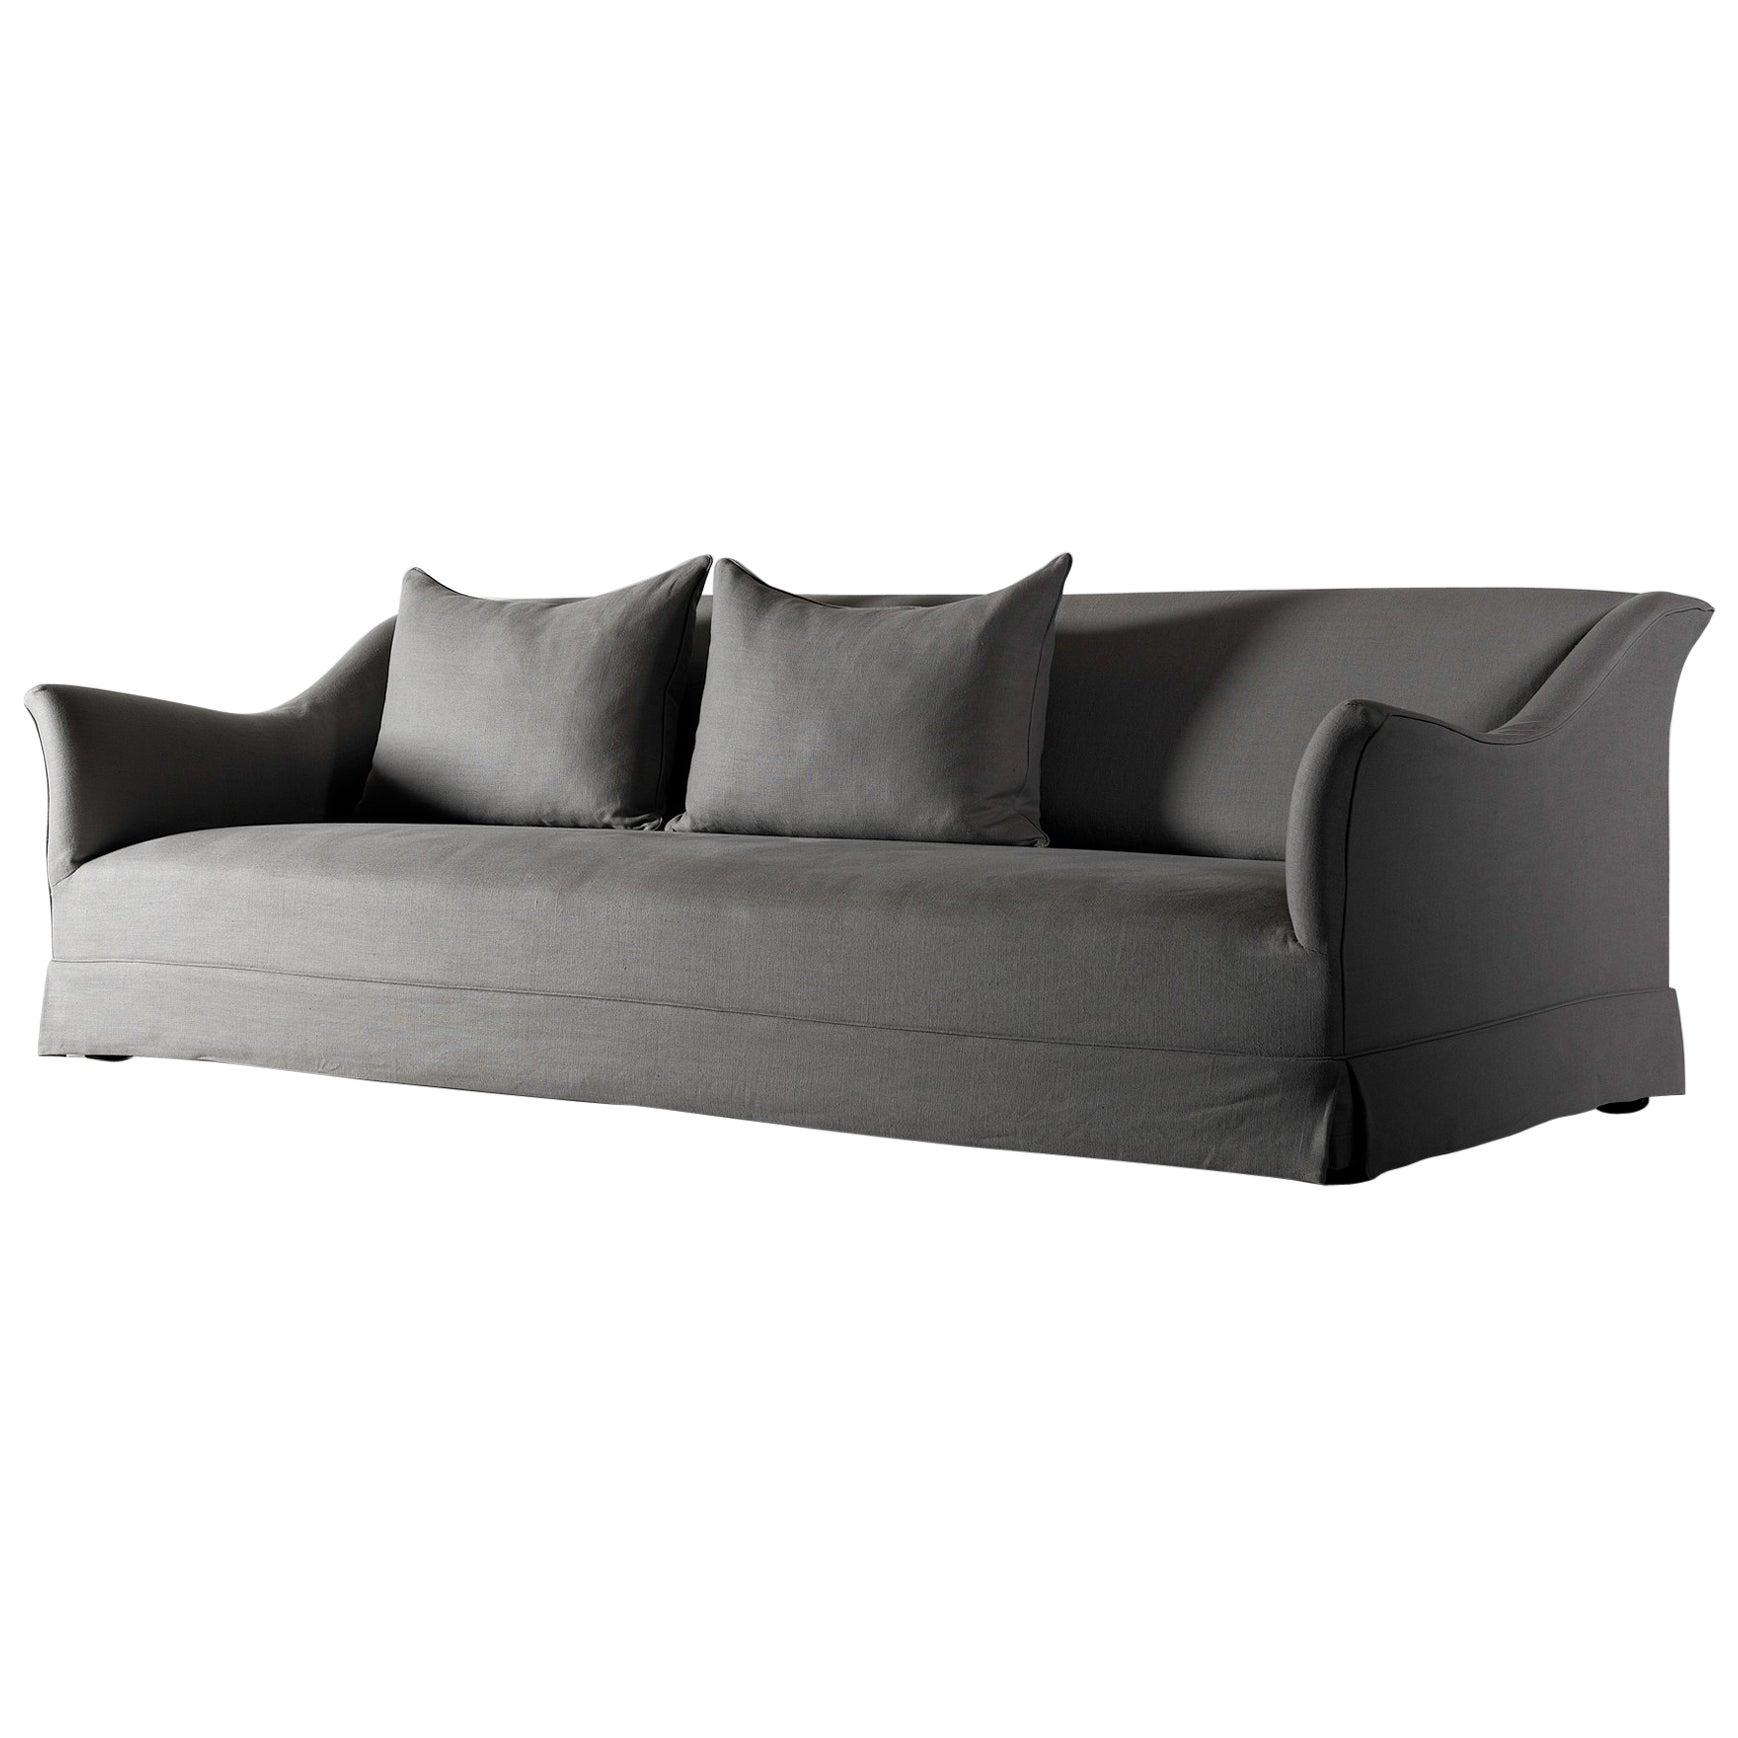 belgian linen sofa repair in dallas tx bespoke handmade for sale at 1stdibs